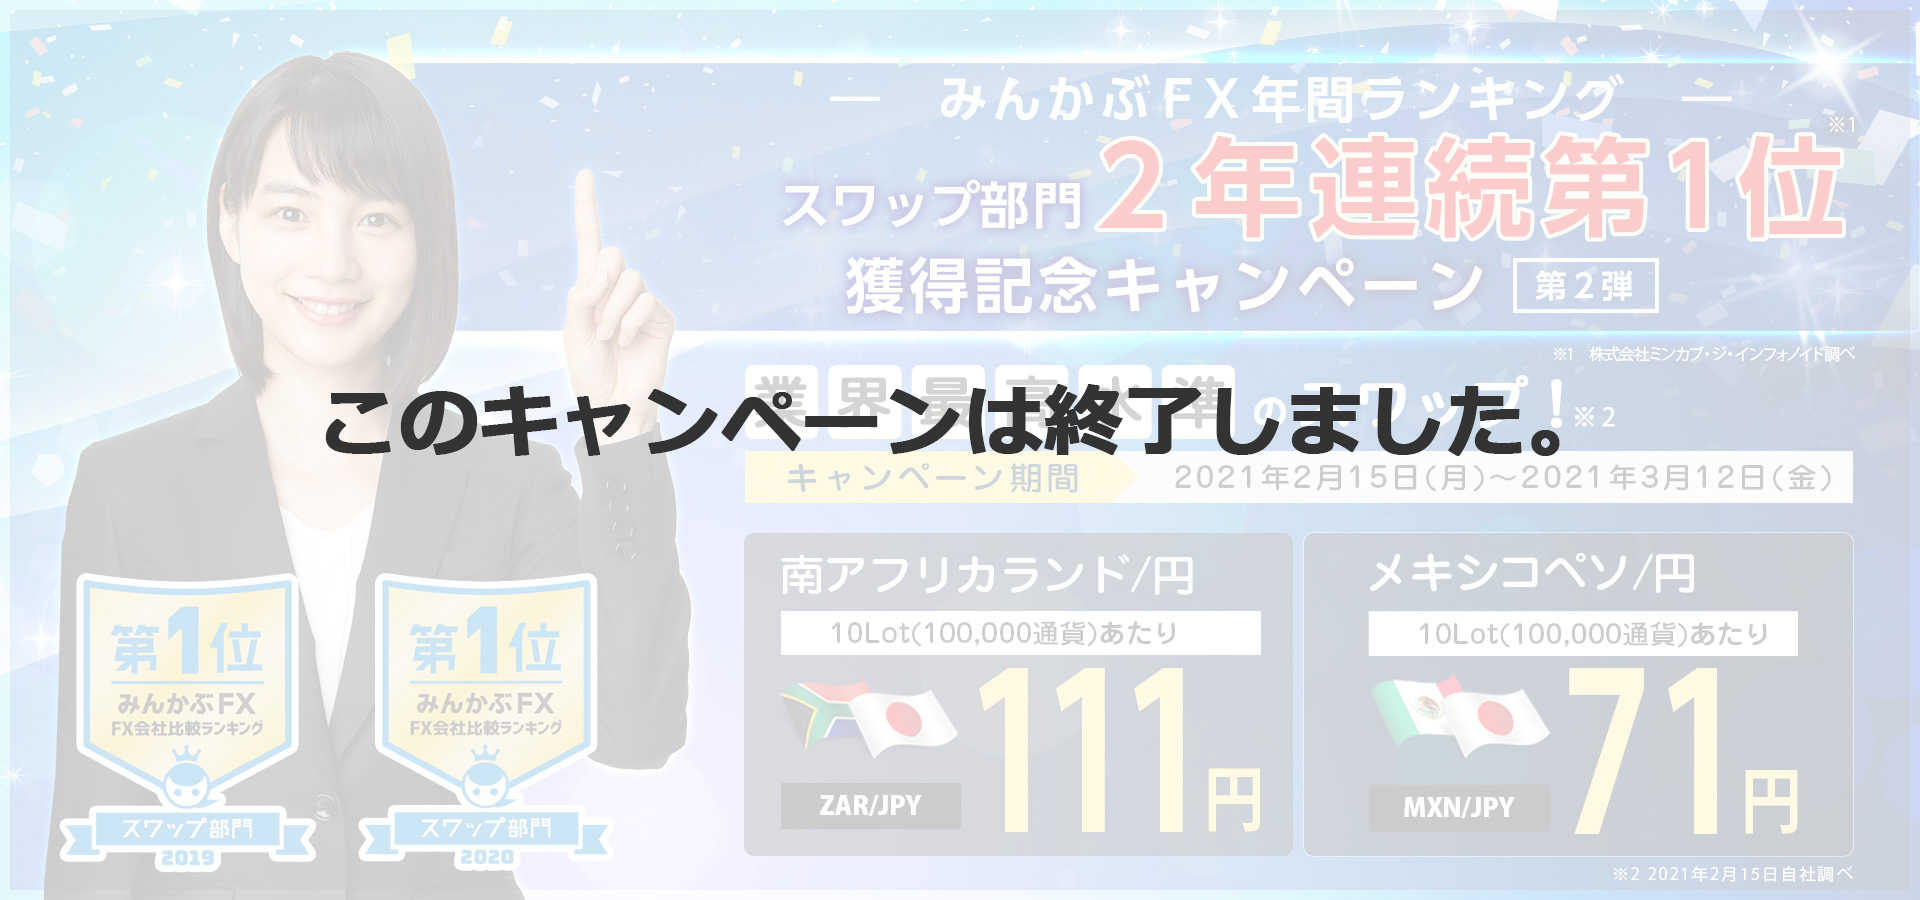 みんかぶFX年間ランキングスワップ部門2年連続第1位獲得記念キャンペーン第2弾